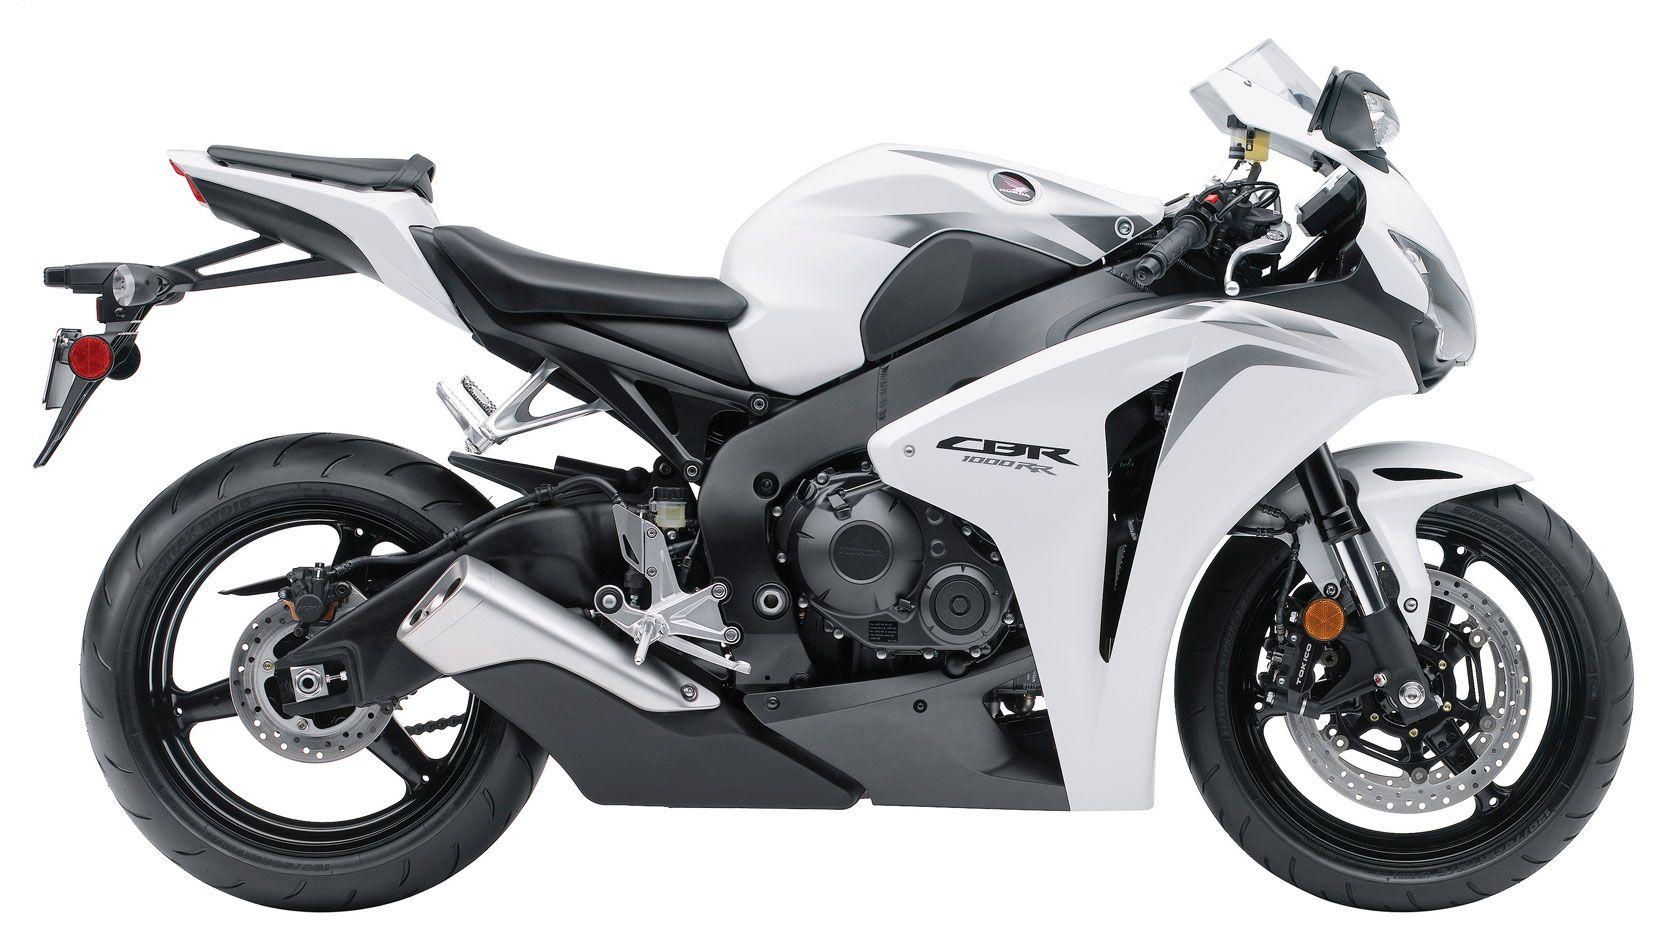 White Honda Motorcycle Honda Cbr 1000rr Honda Cbr Super Bikes